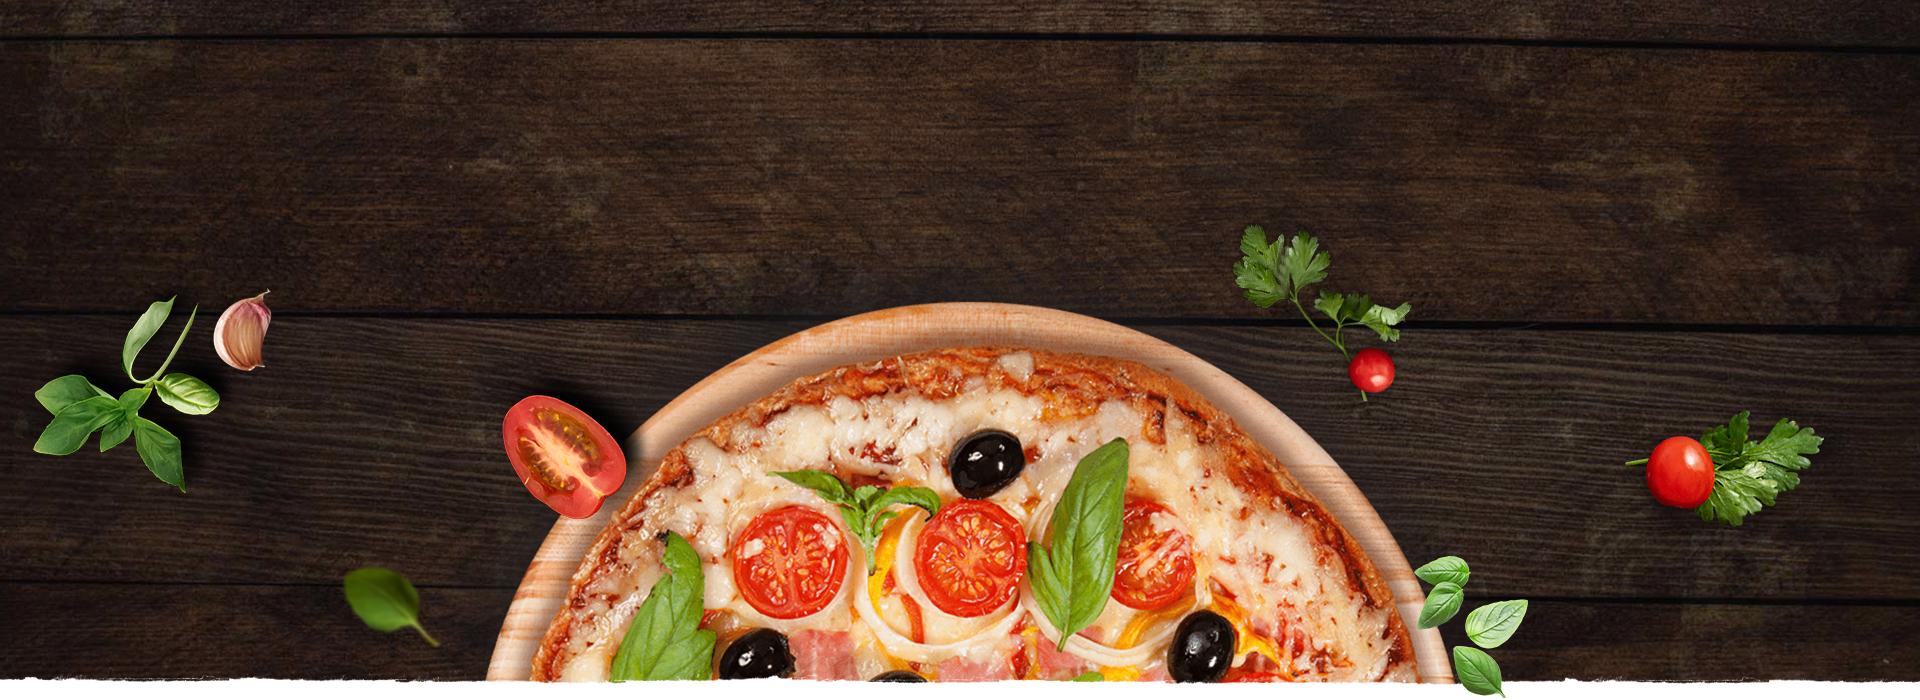 slider2-rapidos-pizza-quaregnon